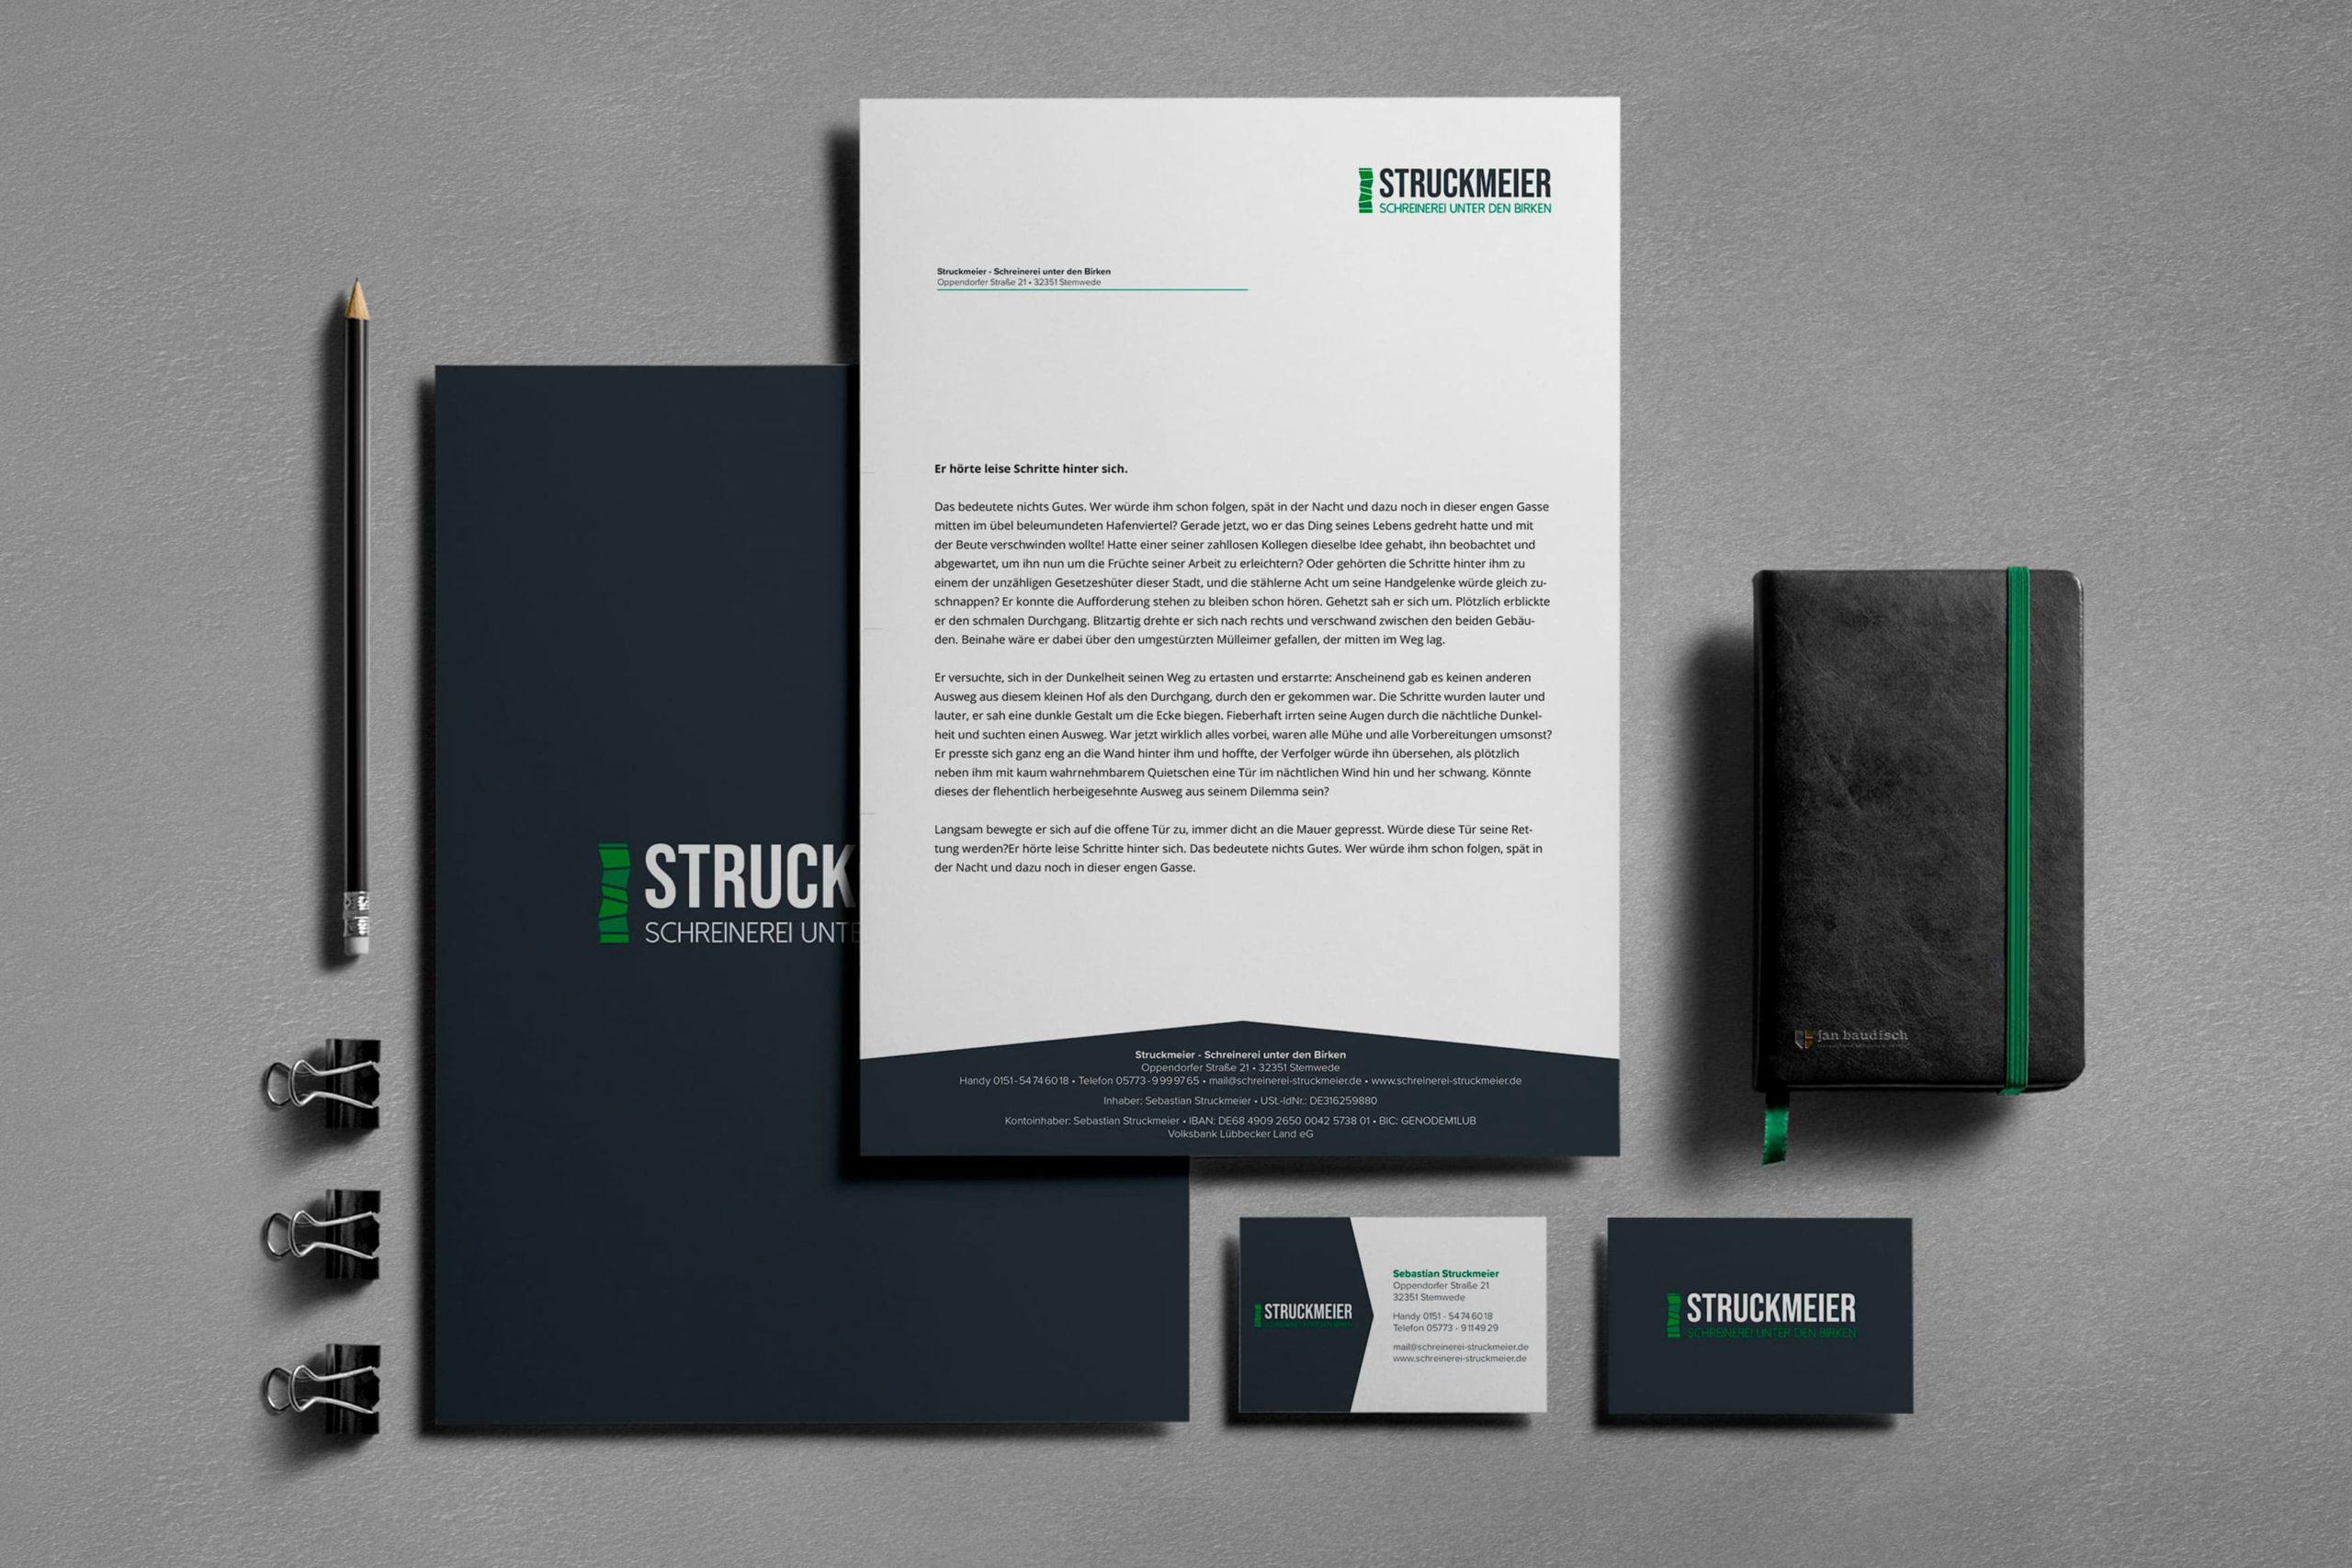 Referenzen Design Schreinerei Struckmeier